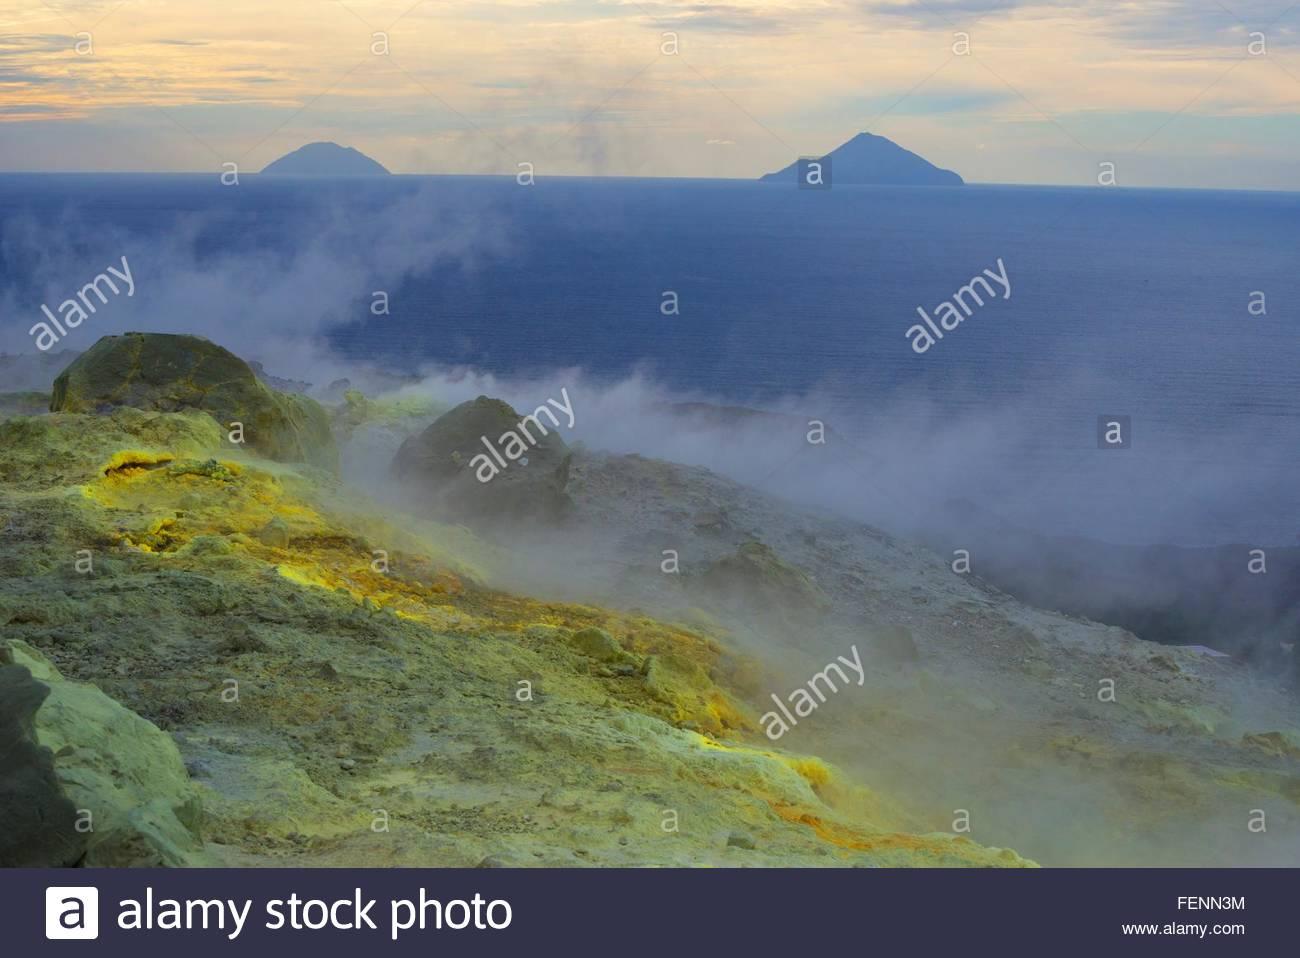 Schwefel und Fumarole Rauch am Gran Cratere und Blick auf die Inseln, Insel Vulcano, Äolischen Inseln, Sizilien, Stockbild